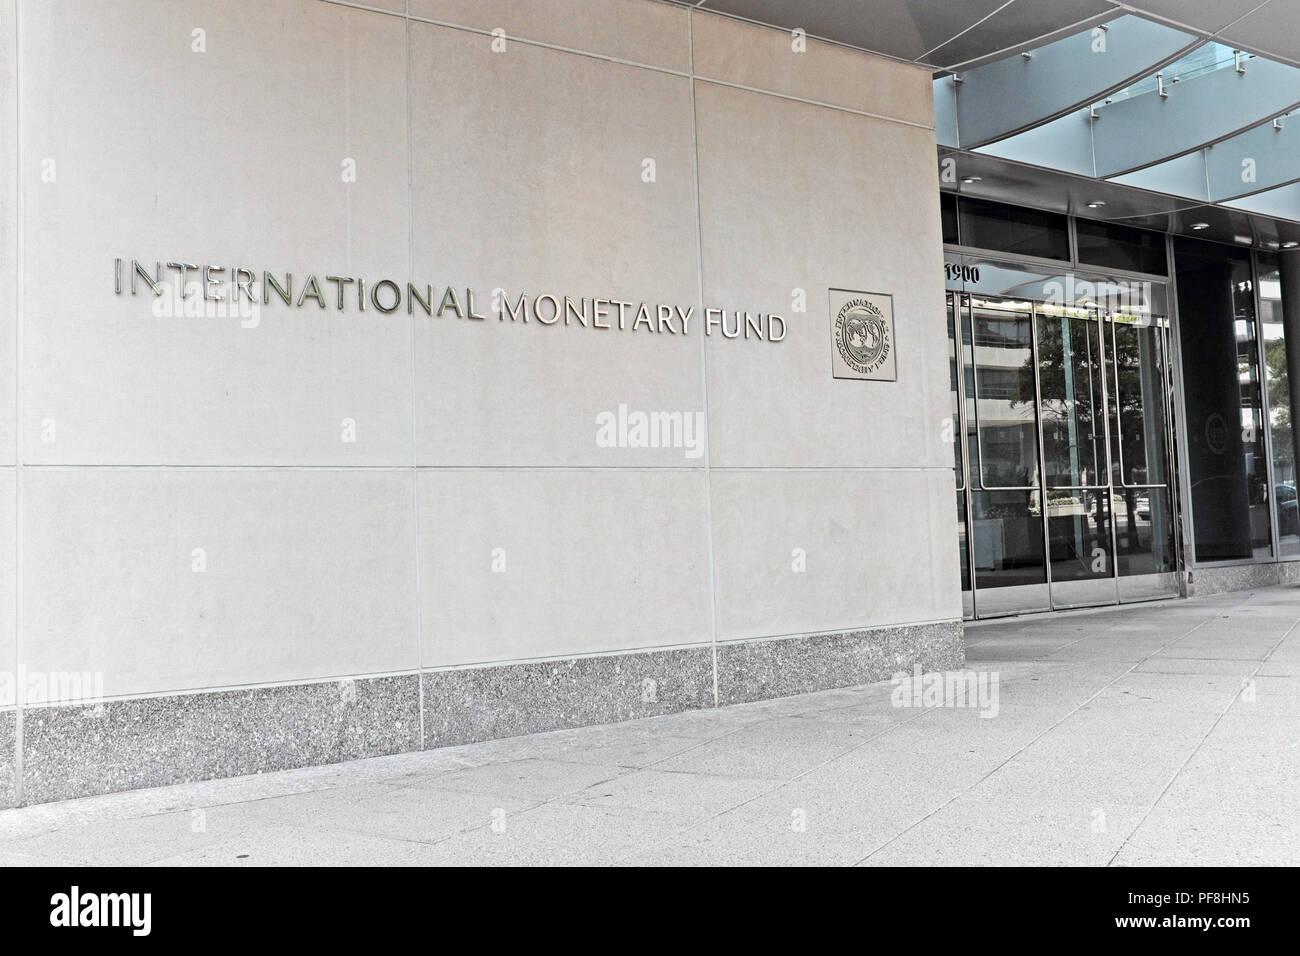 El Fondo Monetario Internacional (FMI) sede mundial en Washington, D.C., Estados Unidos. Foto de stock